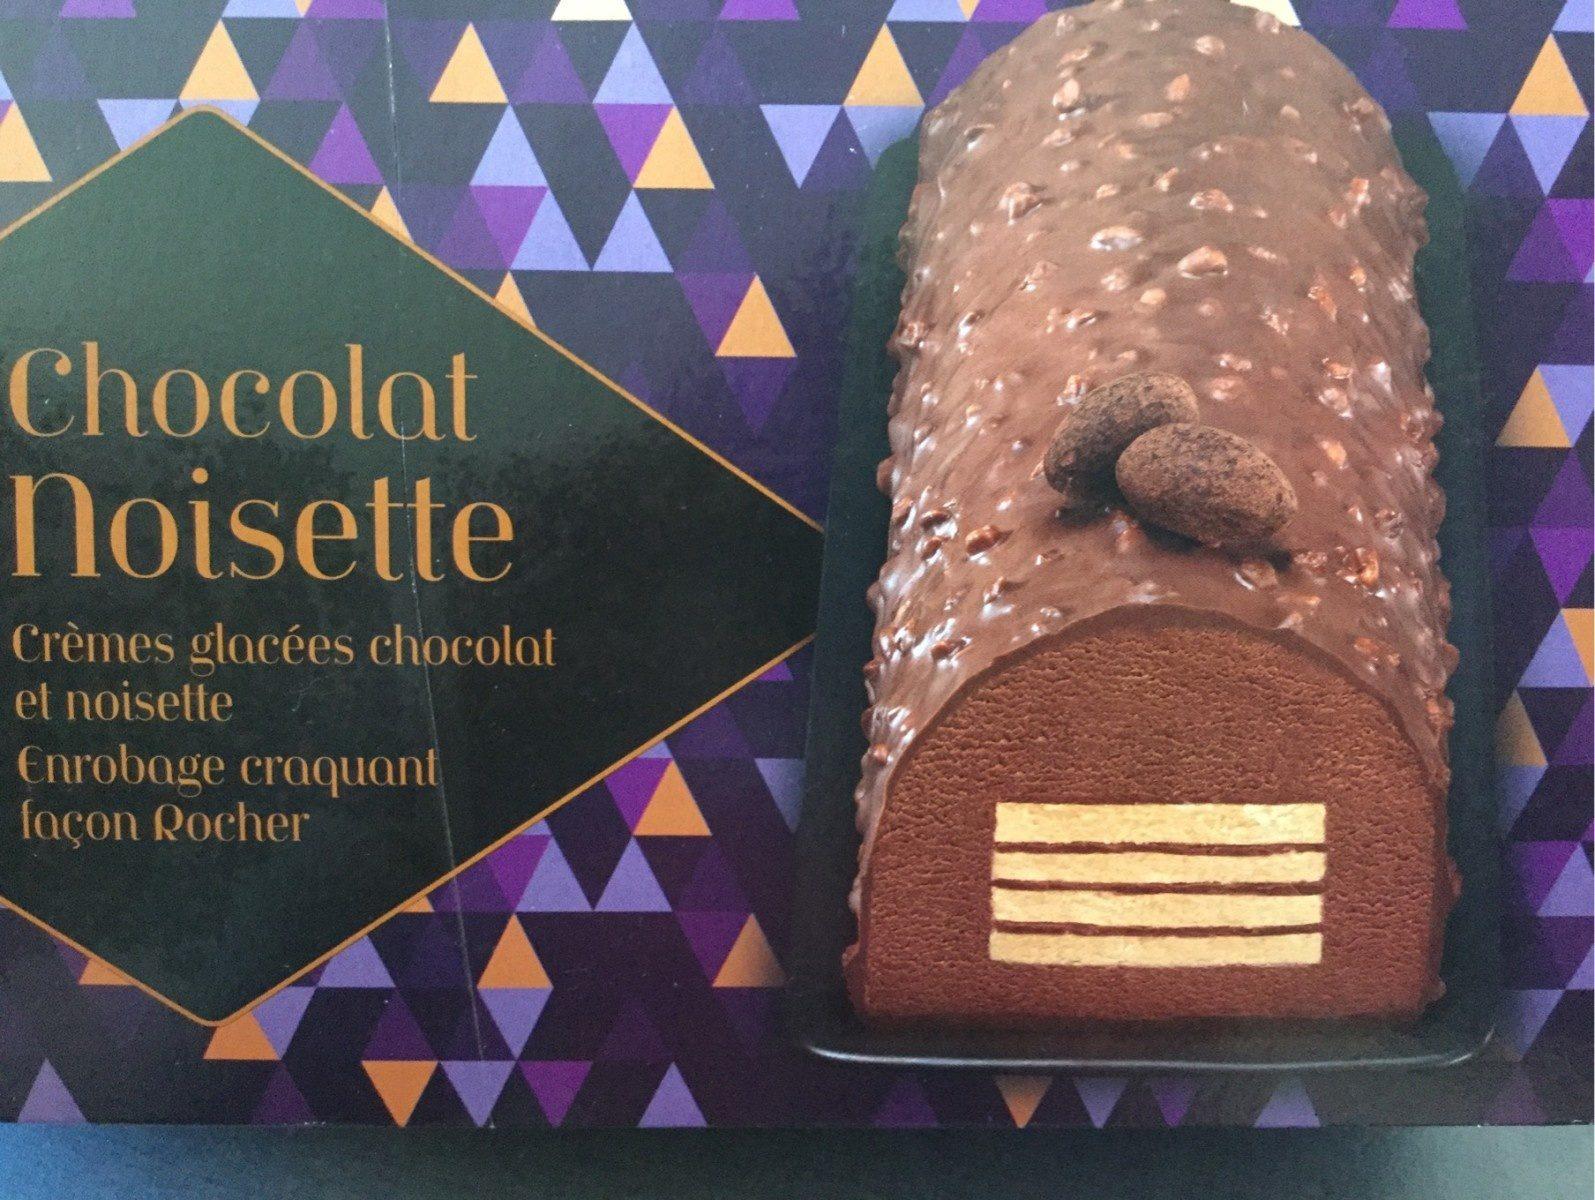 Bûche glacée Crèmes glacées chocolat et noisette - Product